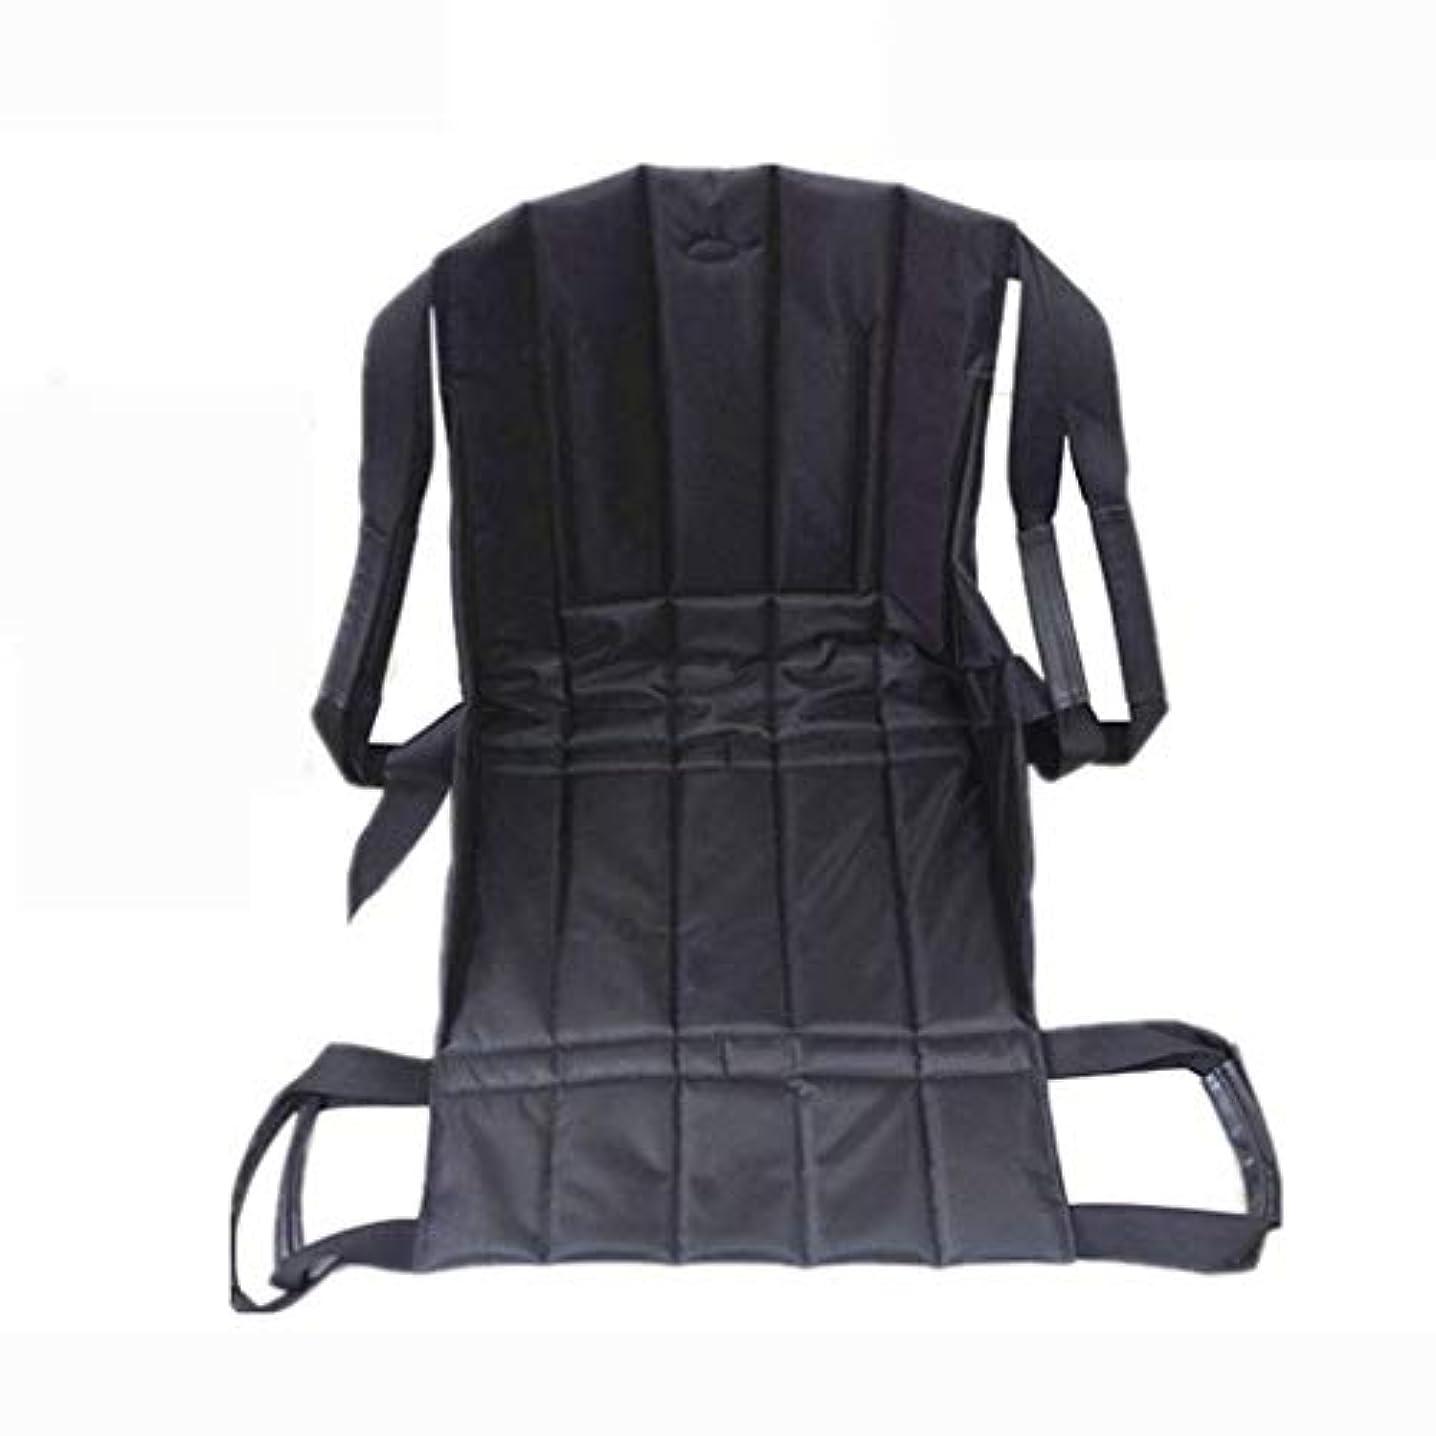 彼女は部門まもなく患者リフト階段スライドボード移動緊急避難用椅子車椅子シートベルト安全全身医療用リフティングスリングスライディング移動ディスク使用高齢者用 (Color : A)